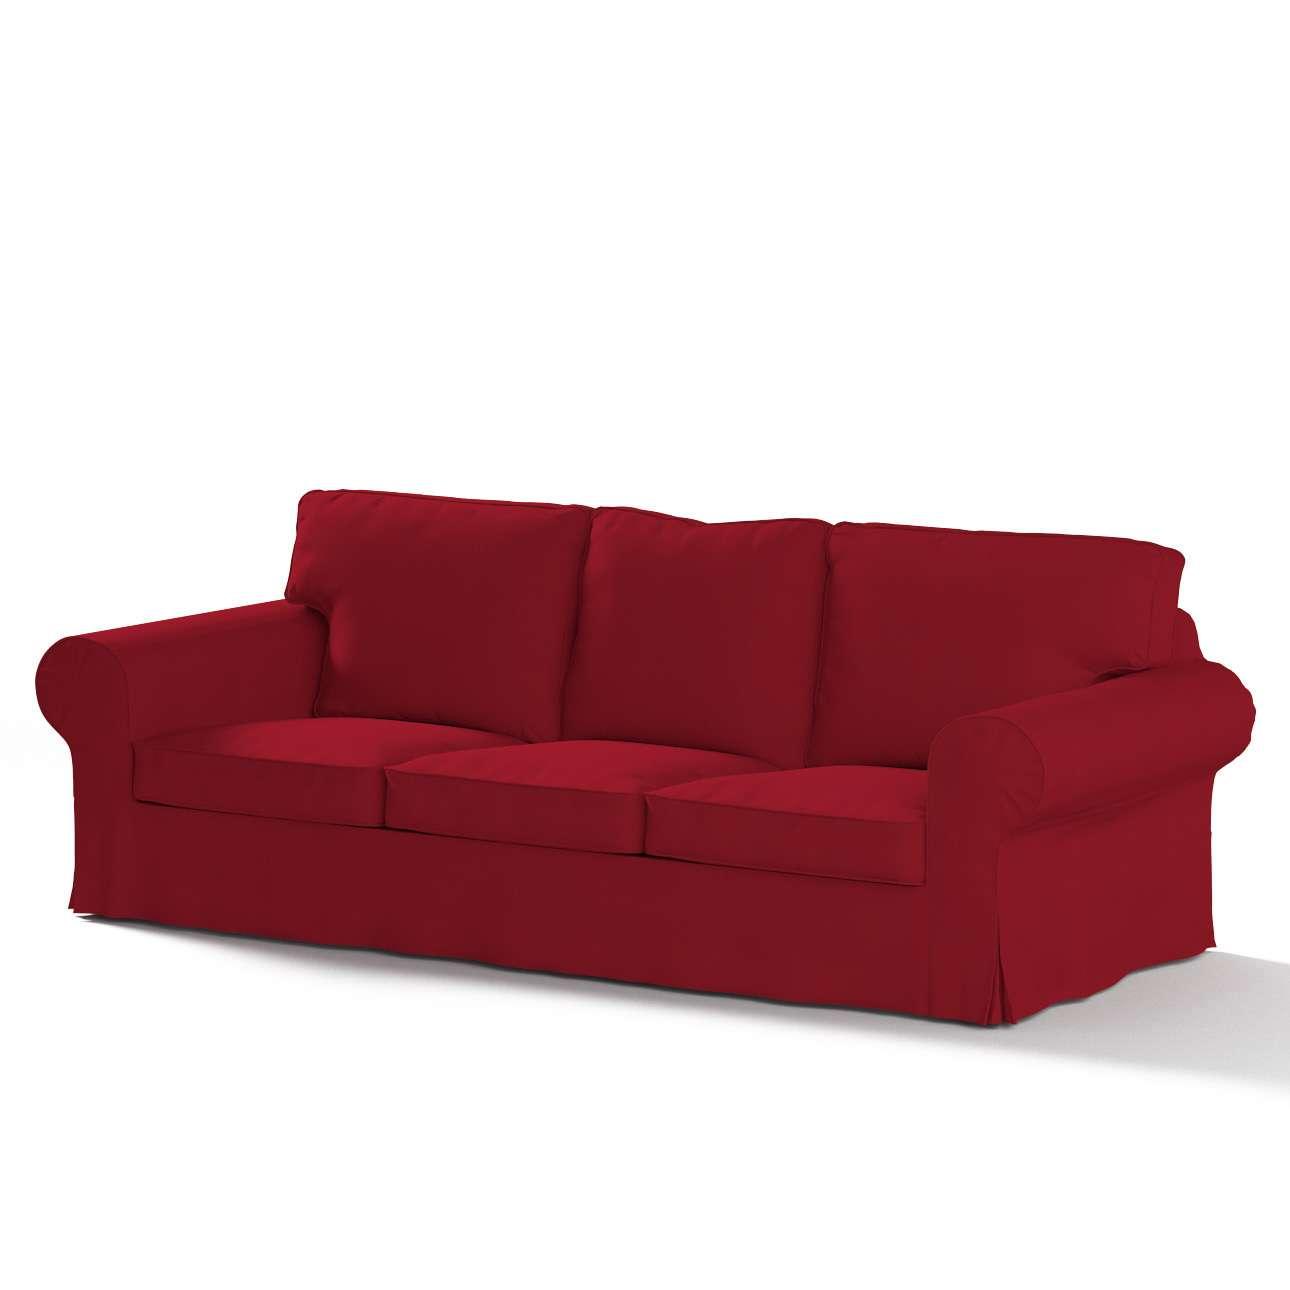 Ektorp Hoekbank Grijs Ikea.Ikea Hoes Voor Ektorp 3 Zitsbank Rood